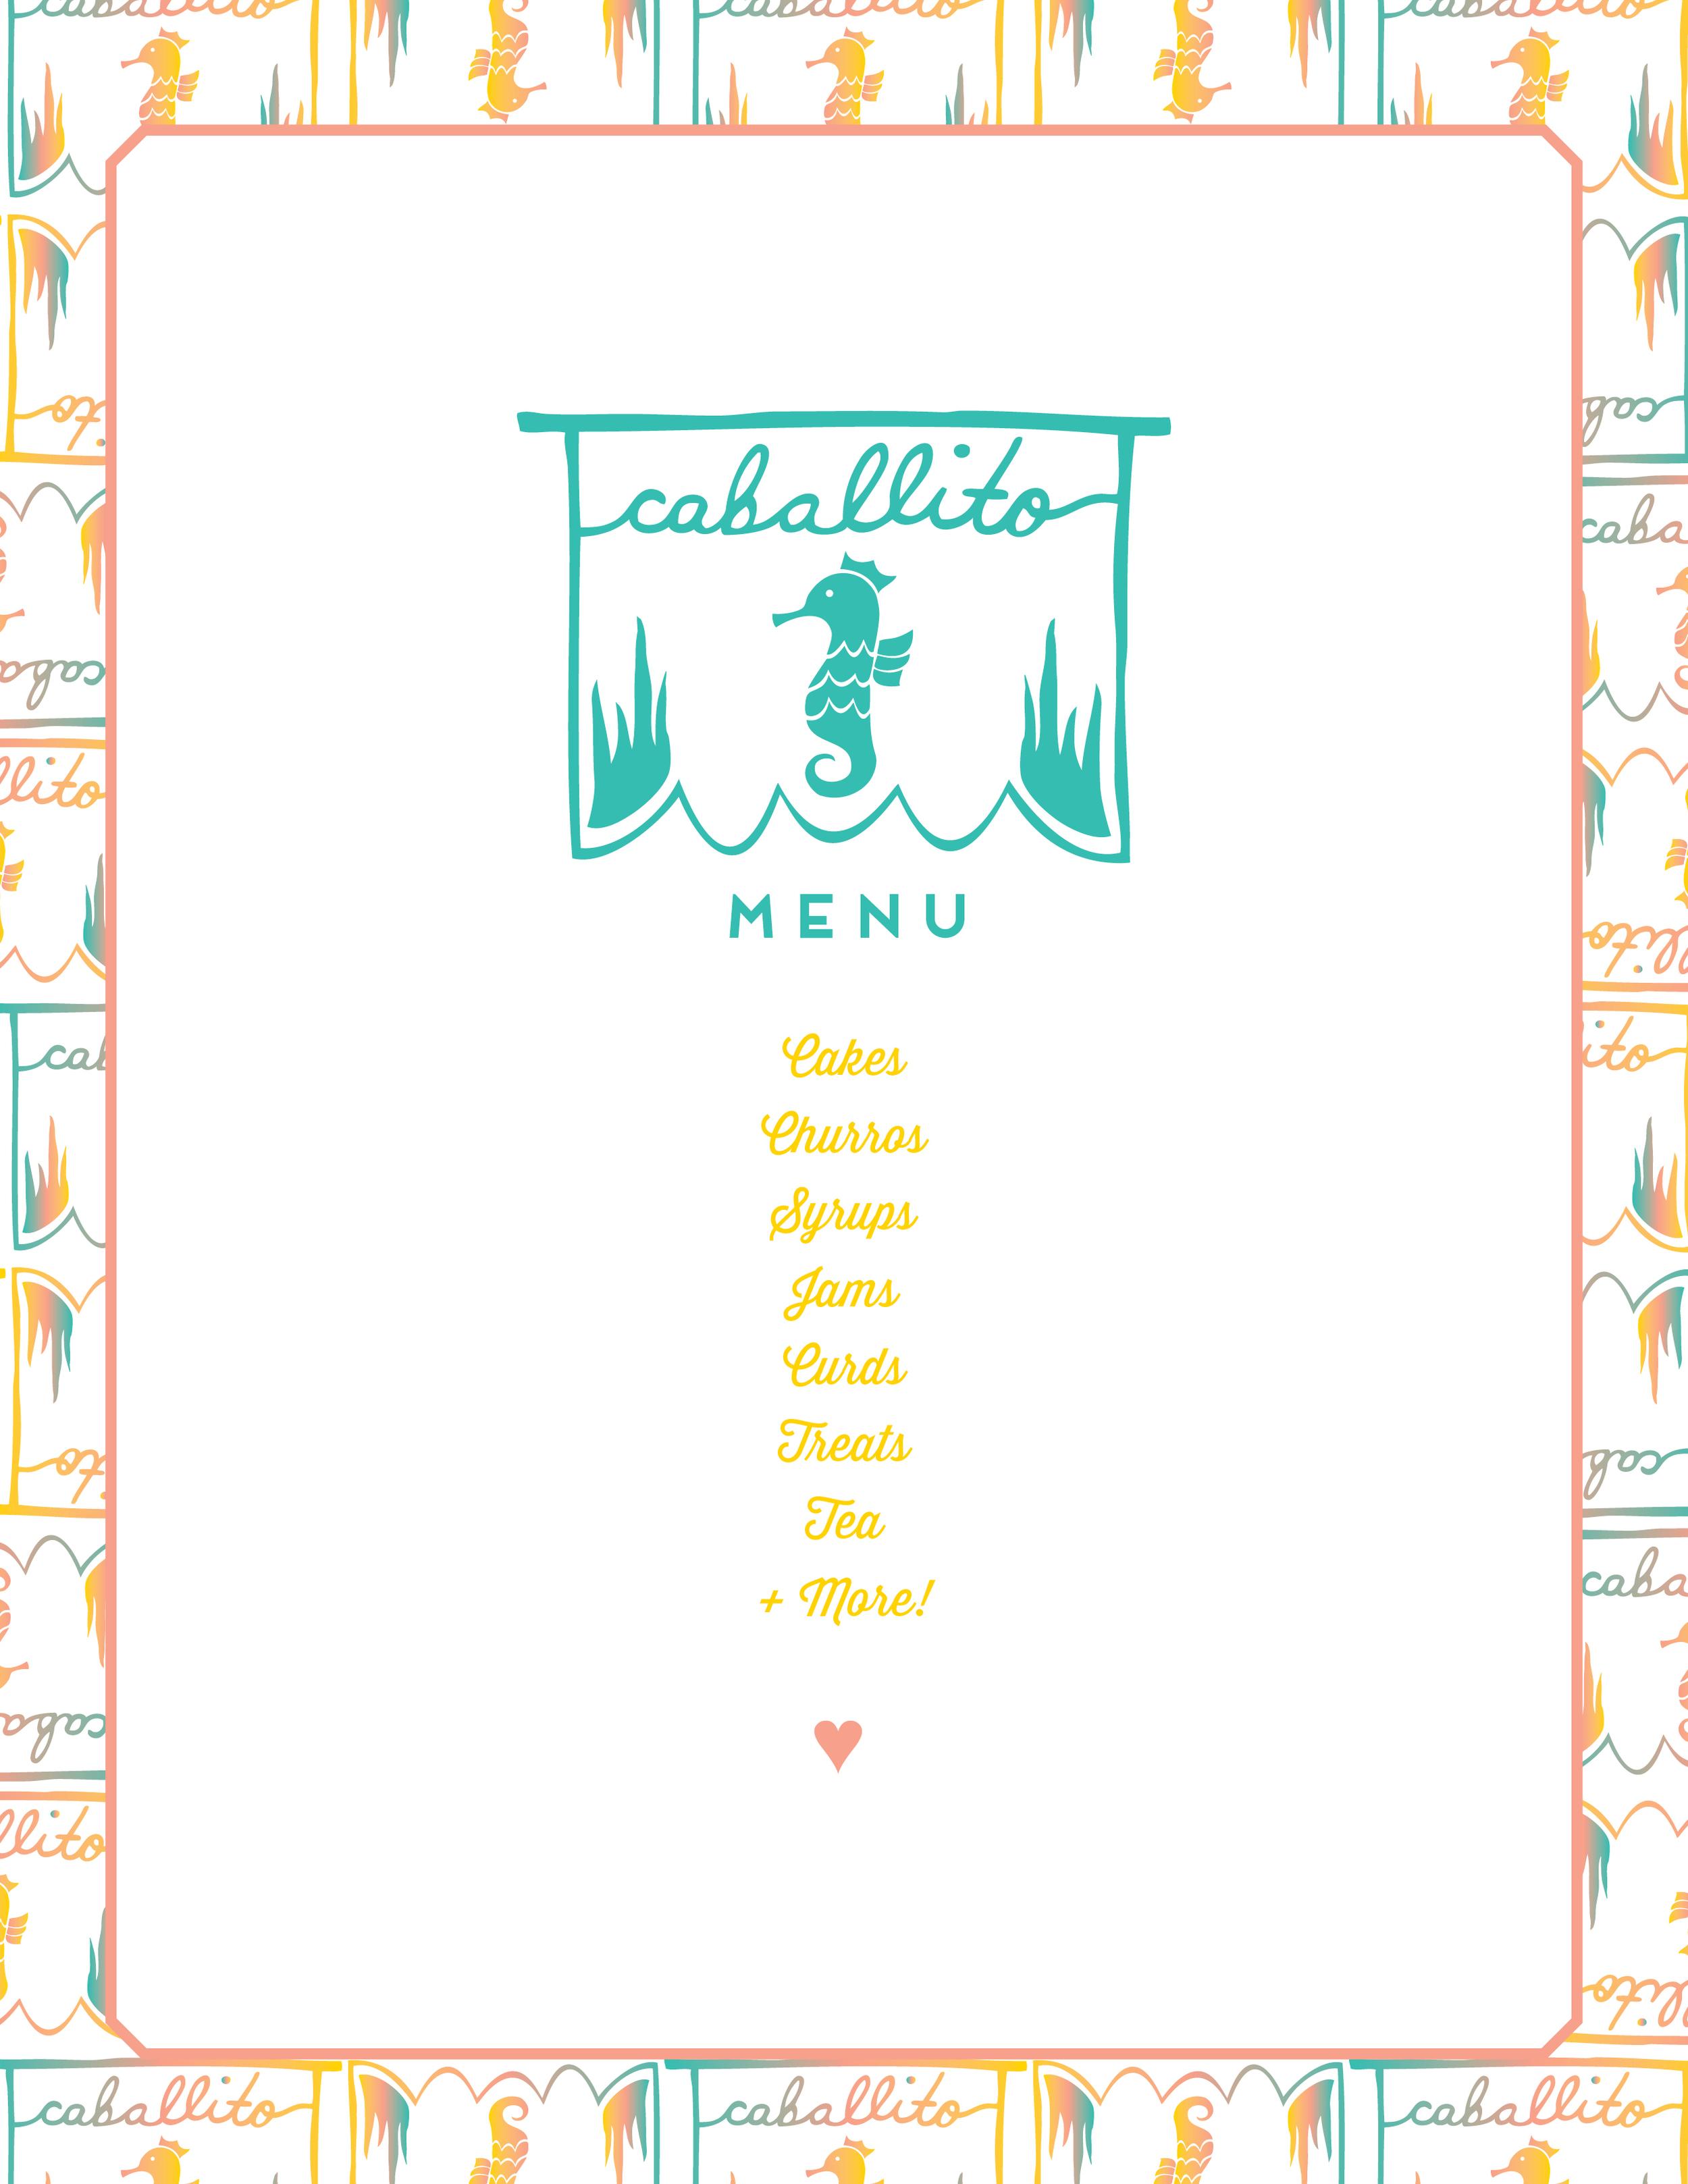 caballito_menu.jpg